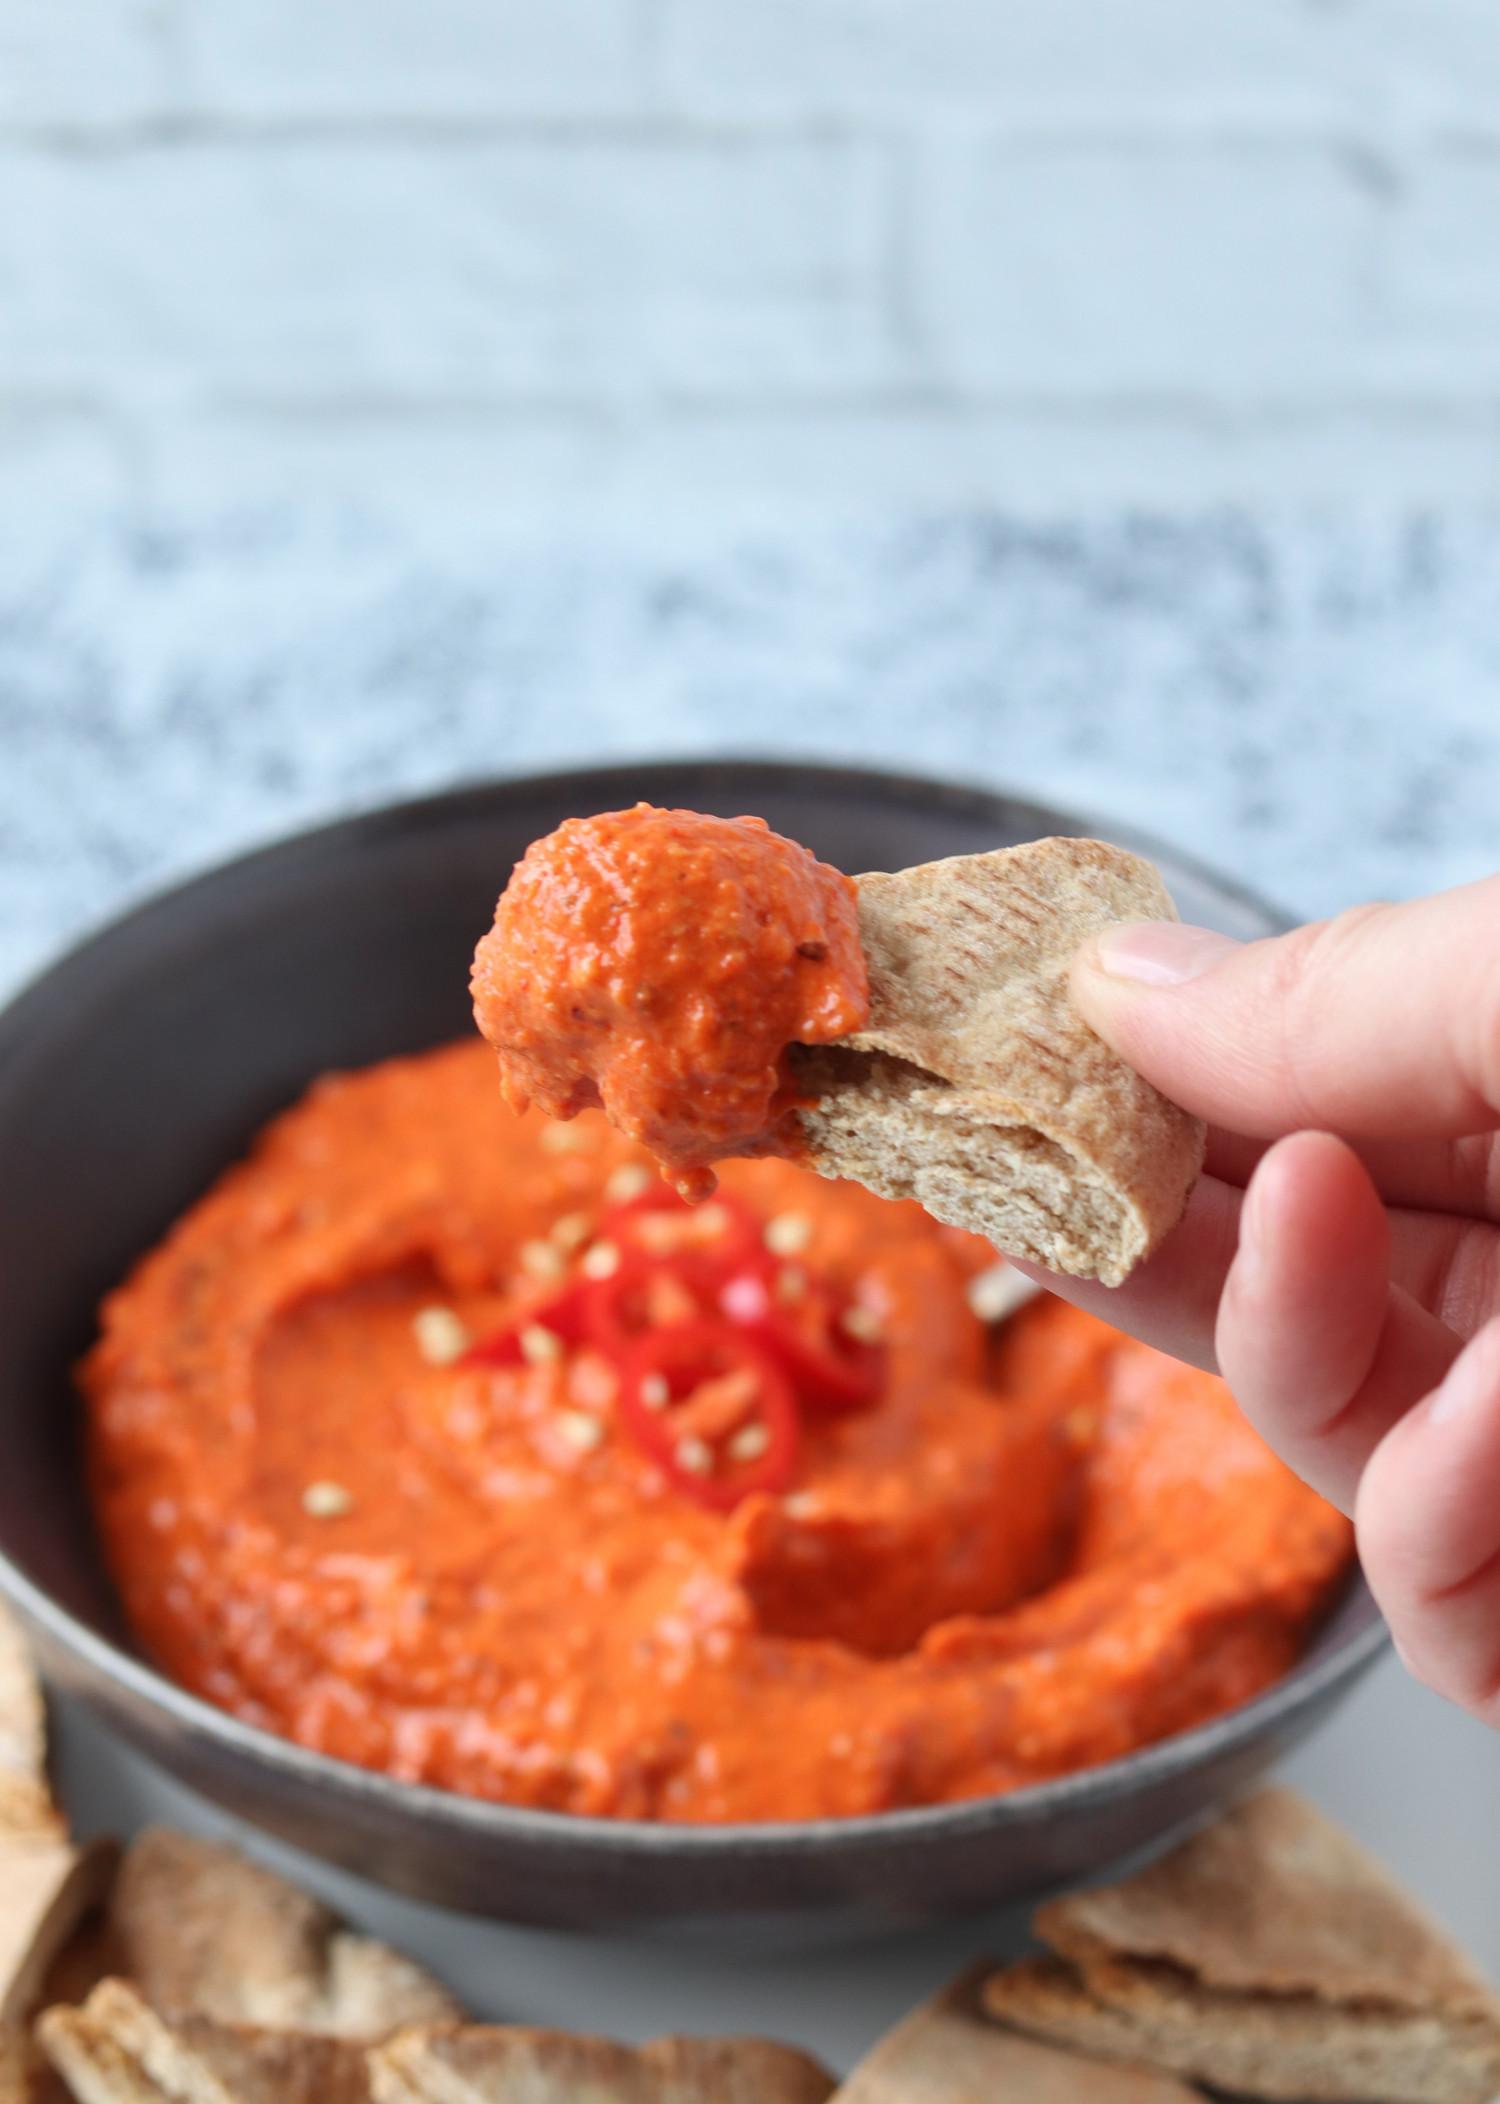 Romescosauce - Peberfrugtdip lavet på grillede peberfrugter - Romesco sauce ala Beksemad